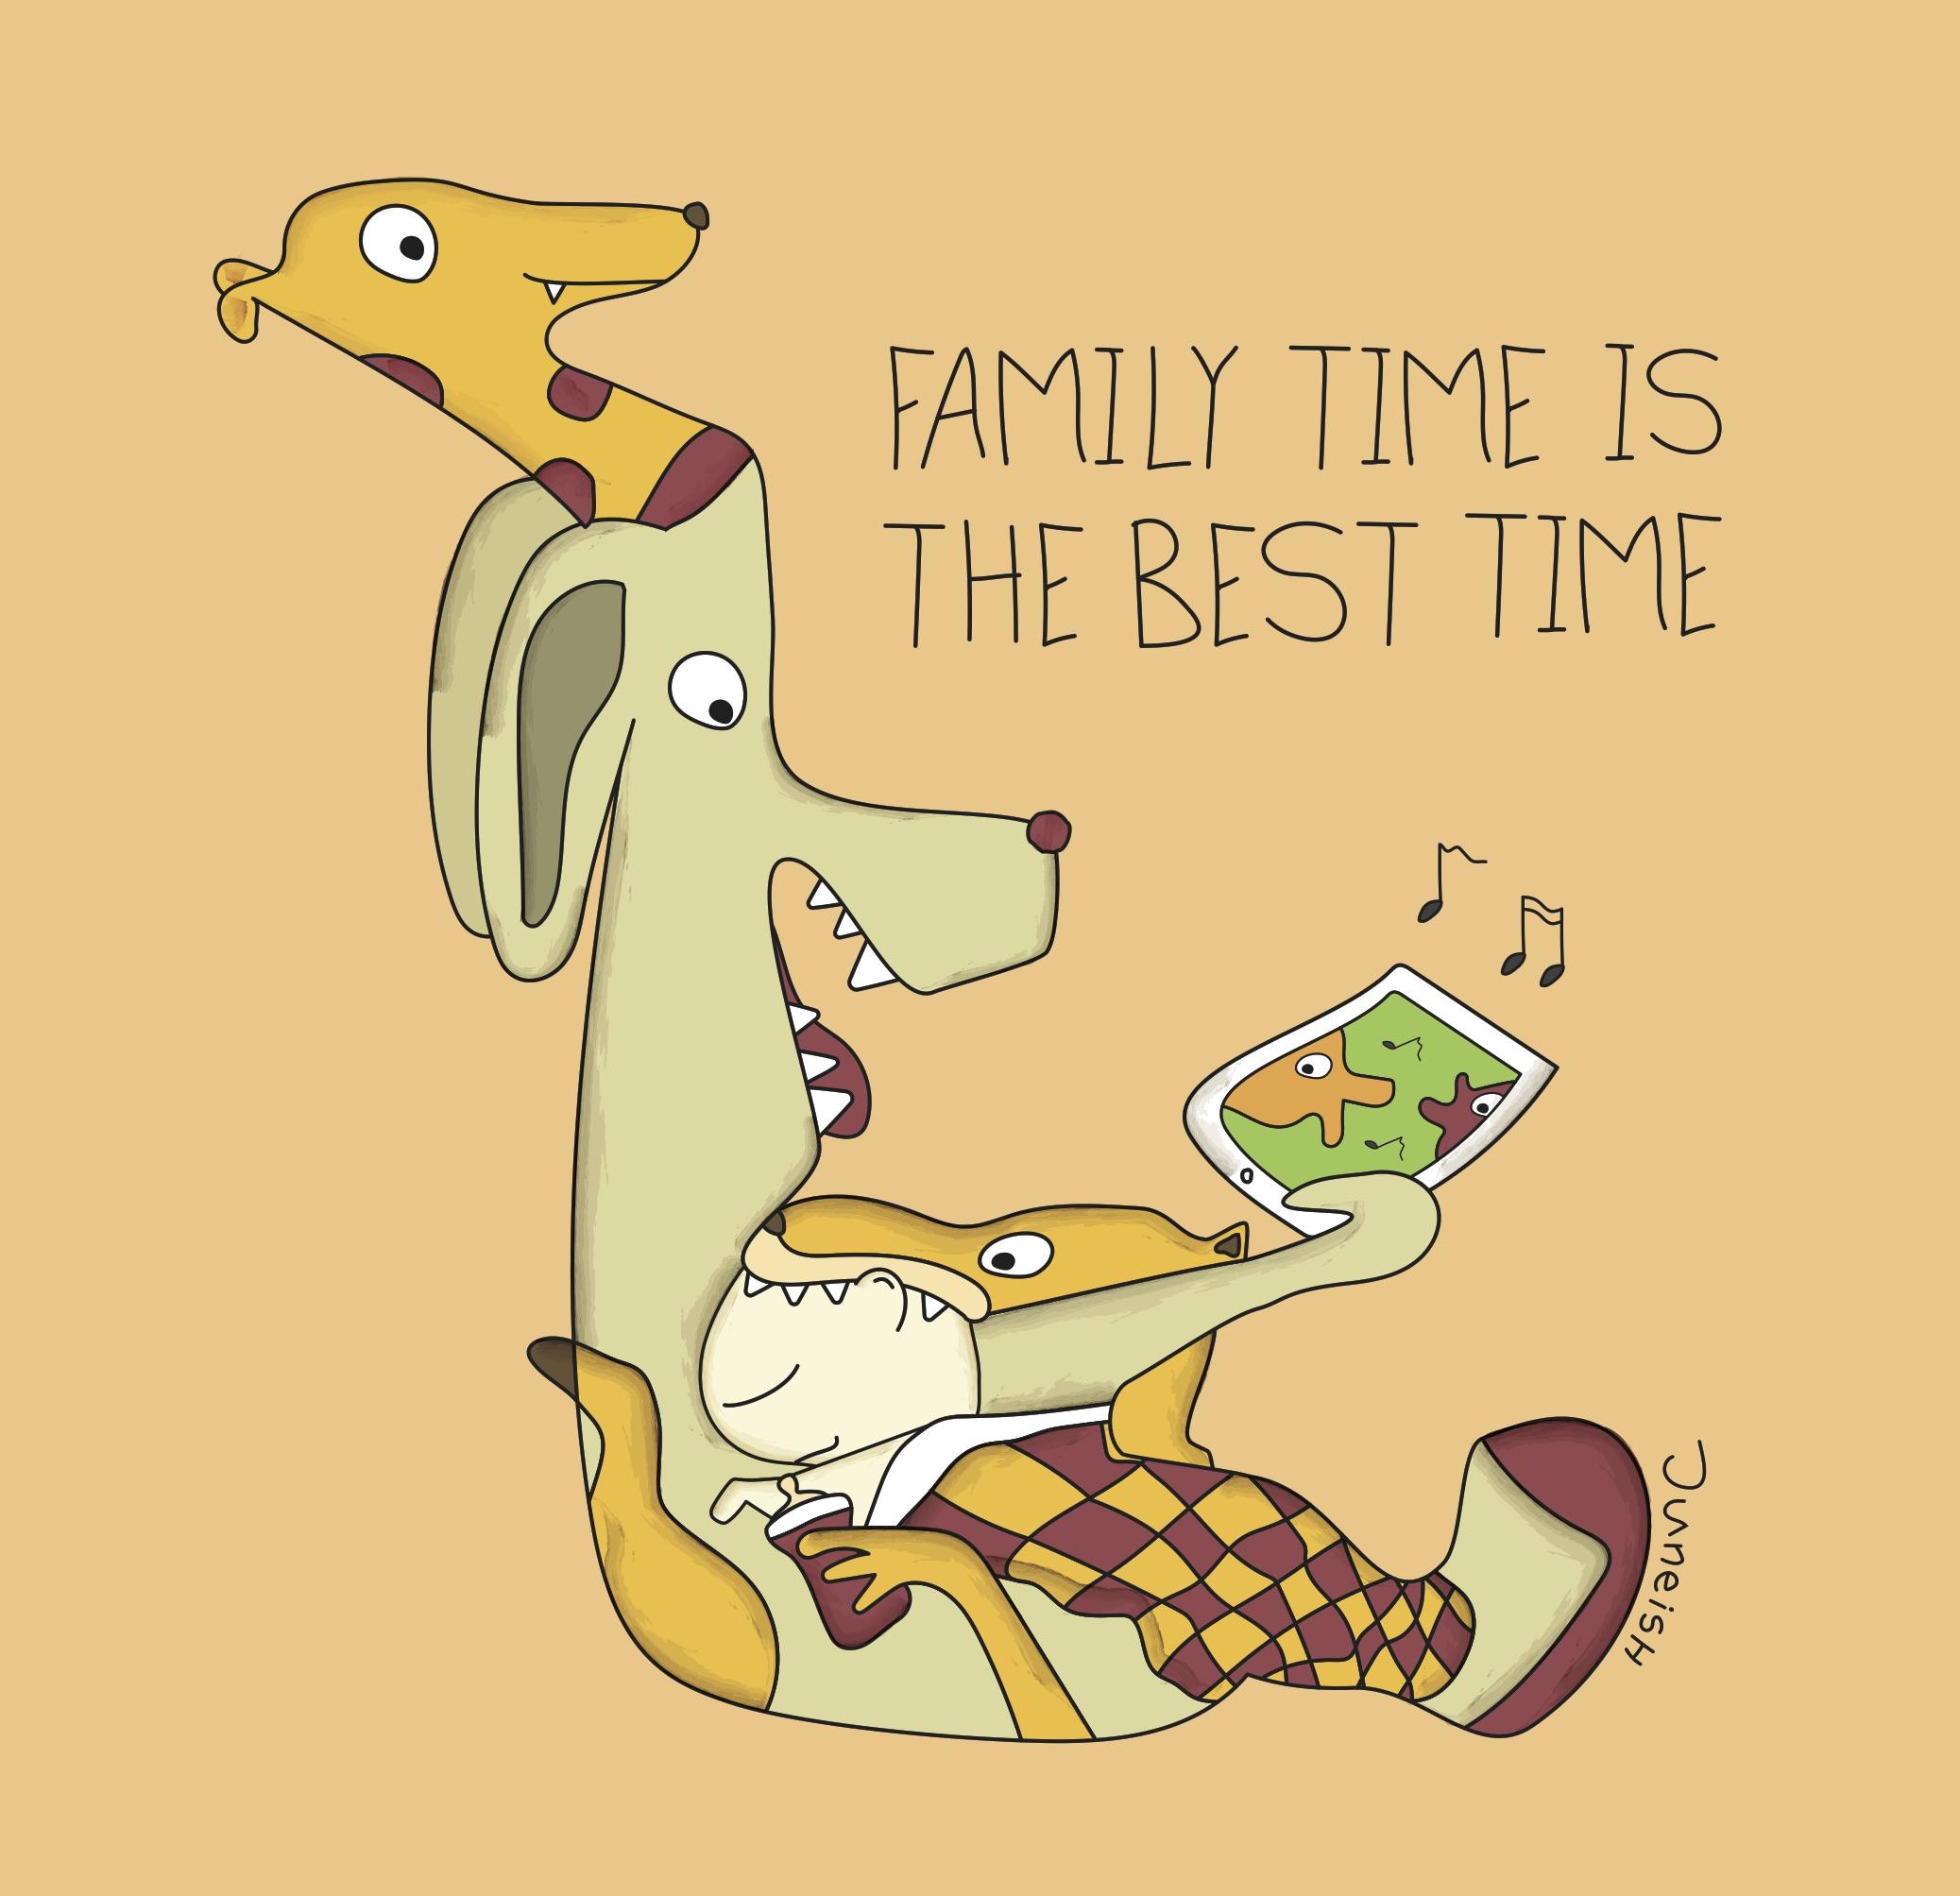 02_Family Time.jpg